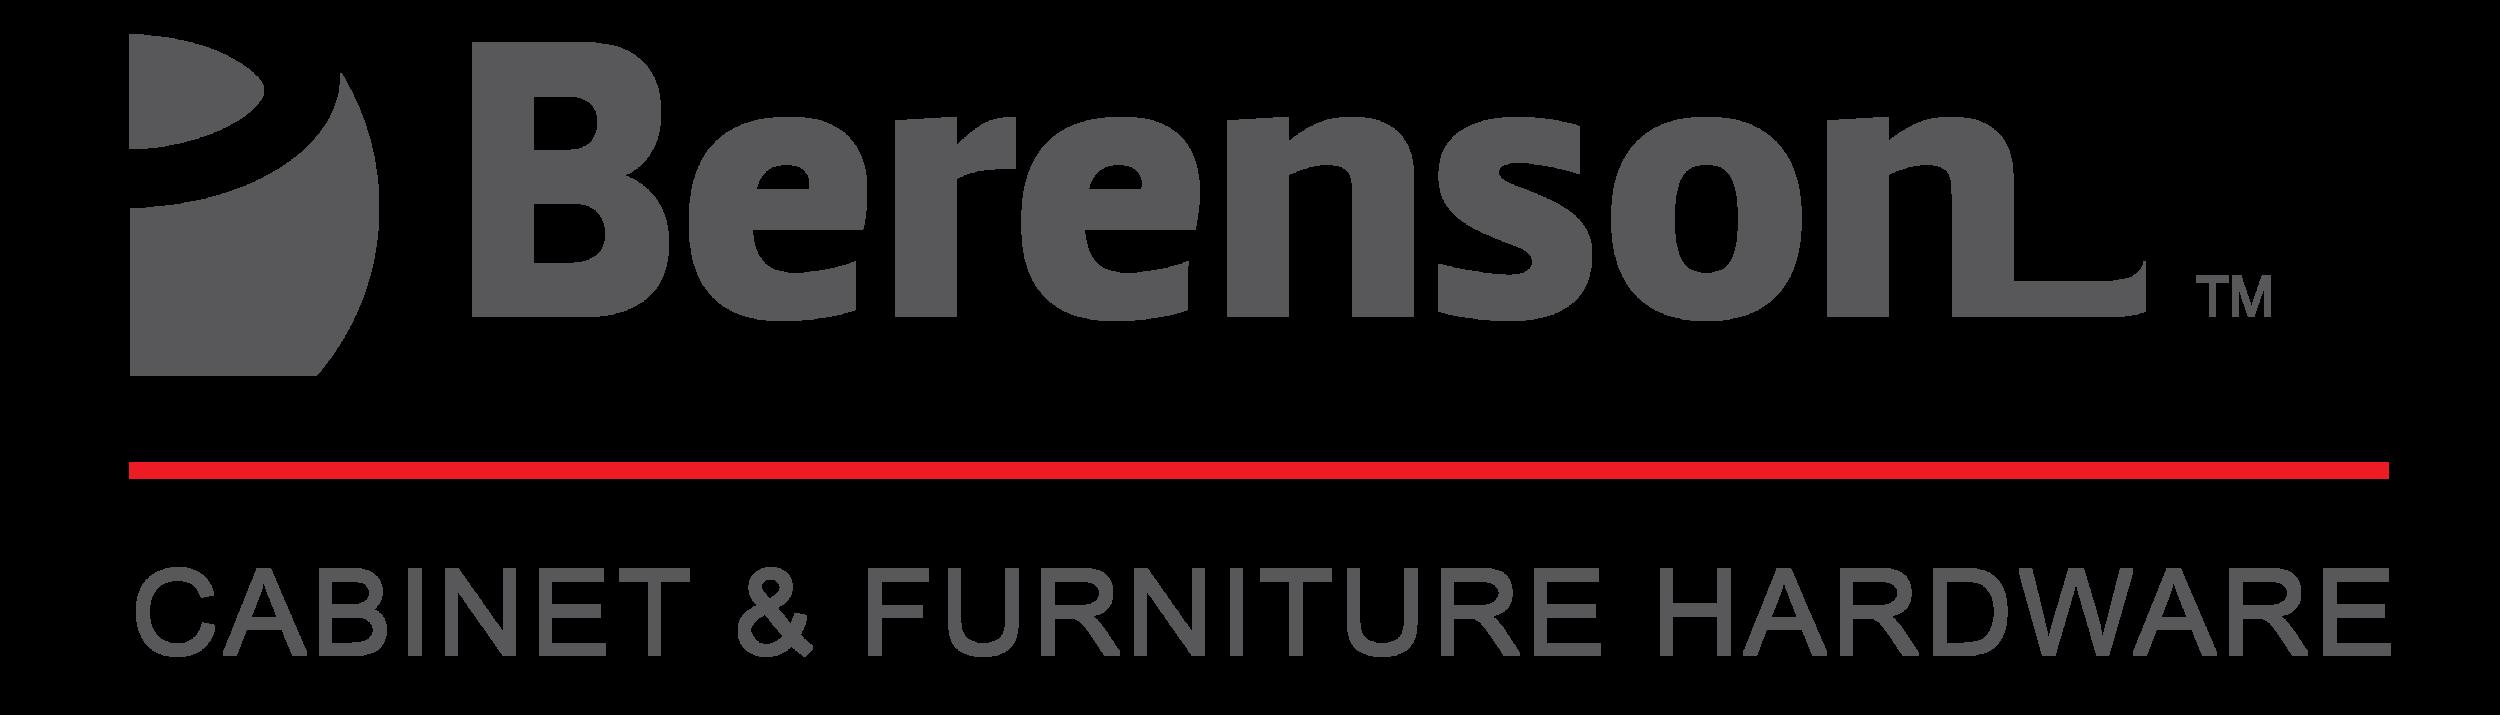 Berenson-Canada-Logo.png